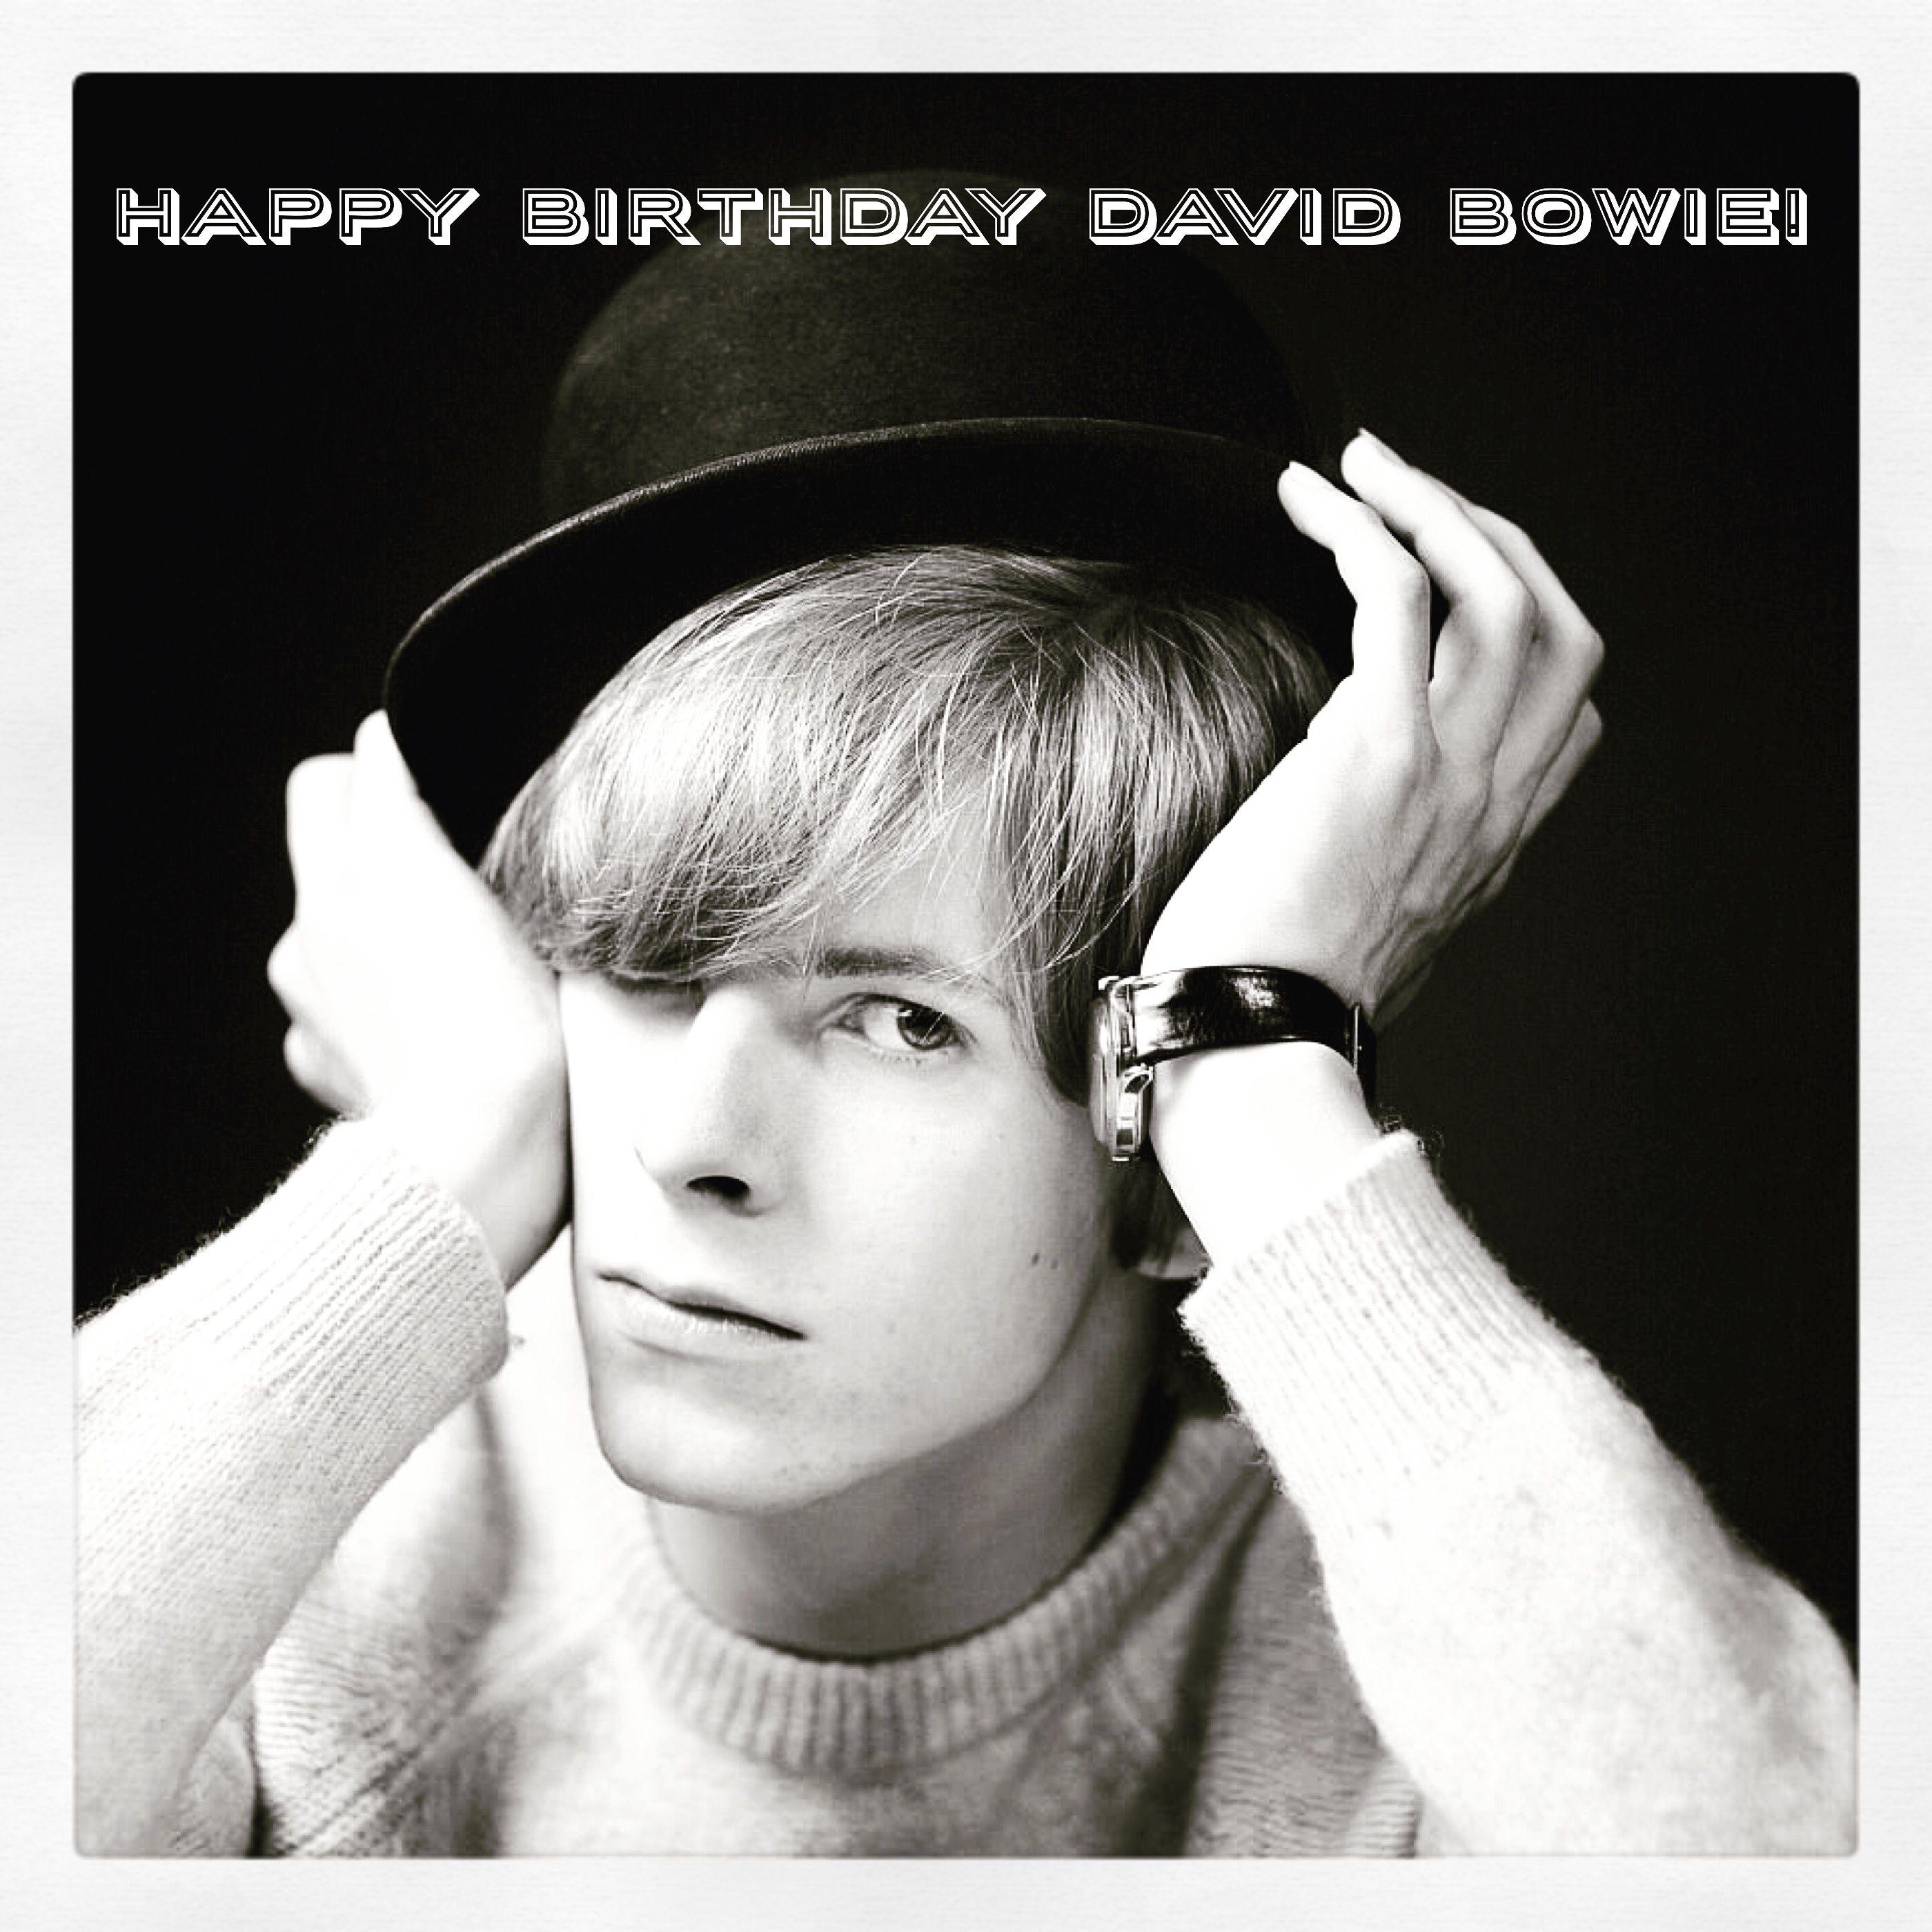 Happy Birthday Davidbowie So Many Amazing Albums To Listen To Today Happybirthday Legend Icon Bowie Fashion Singe David Bowie Starman David Bowie Bowie